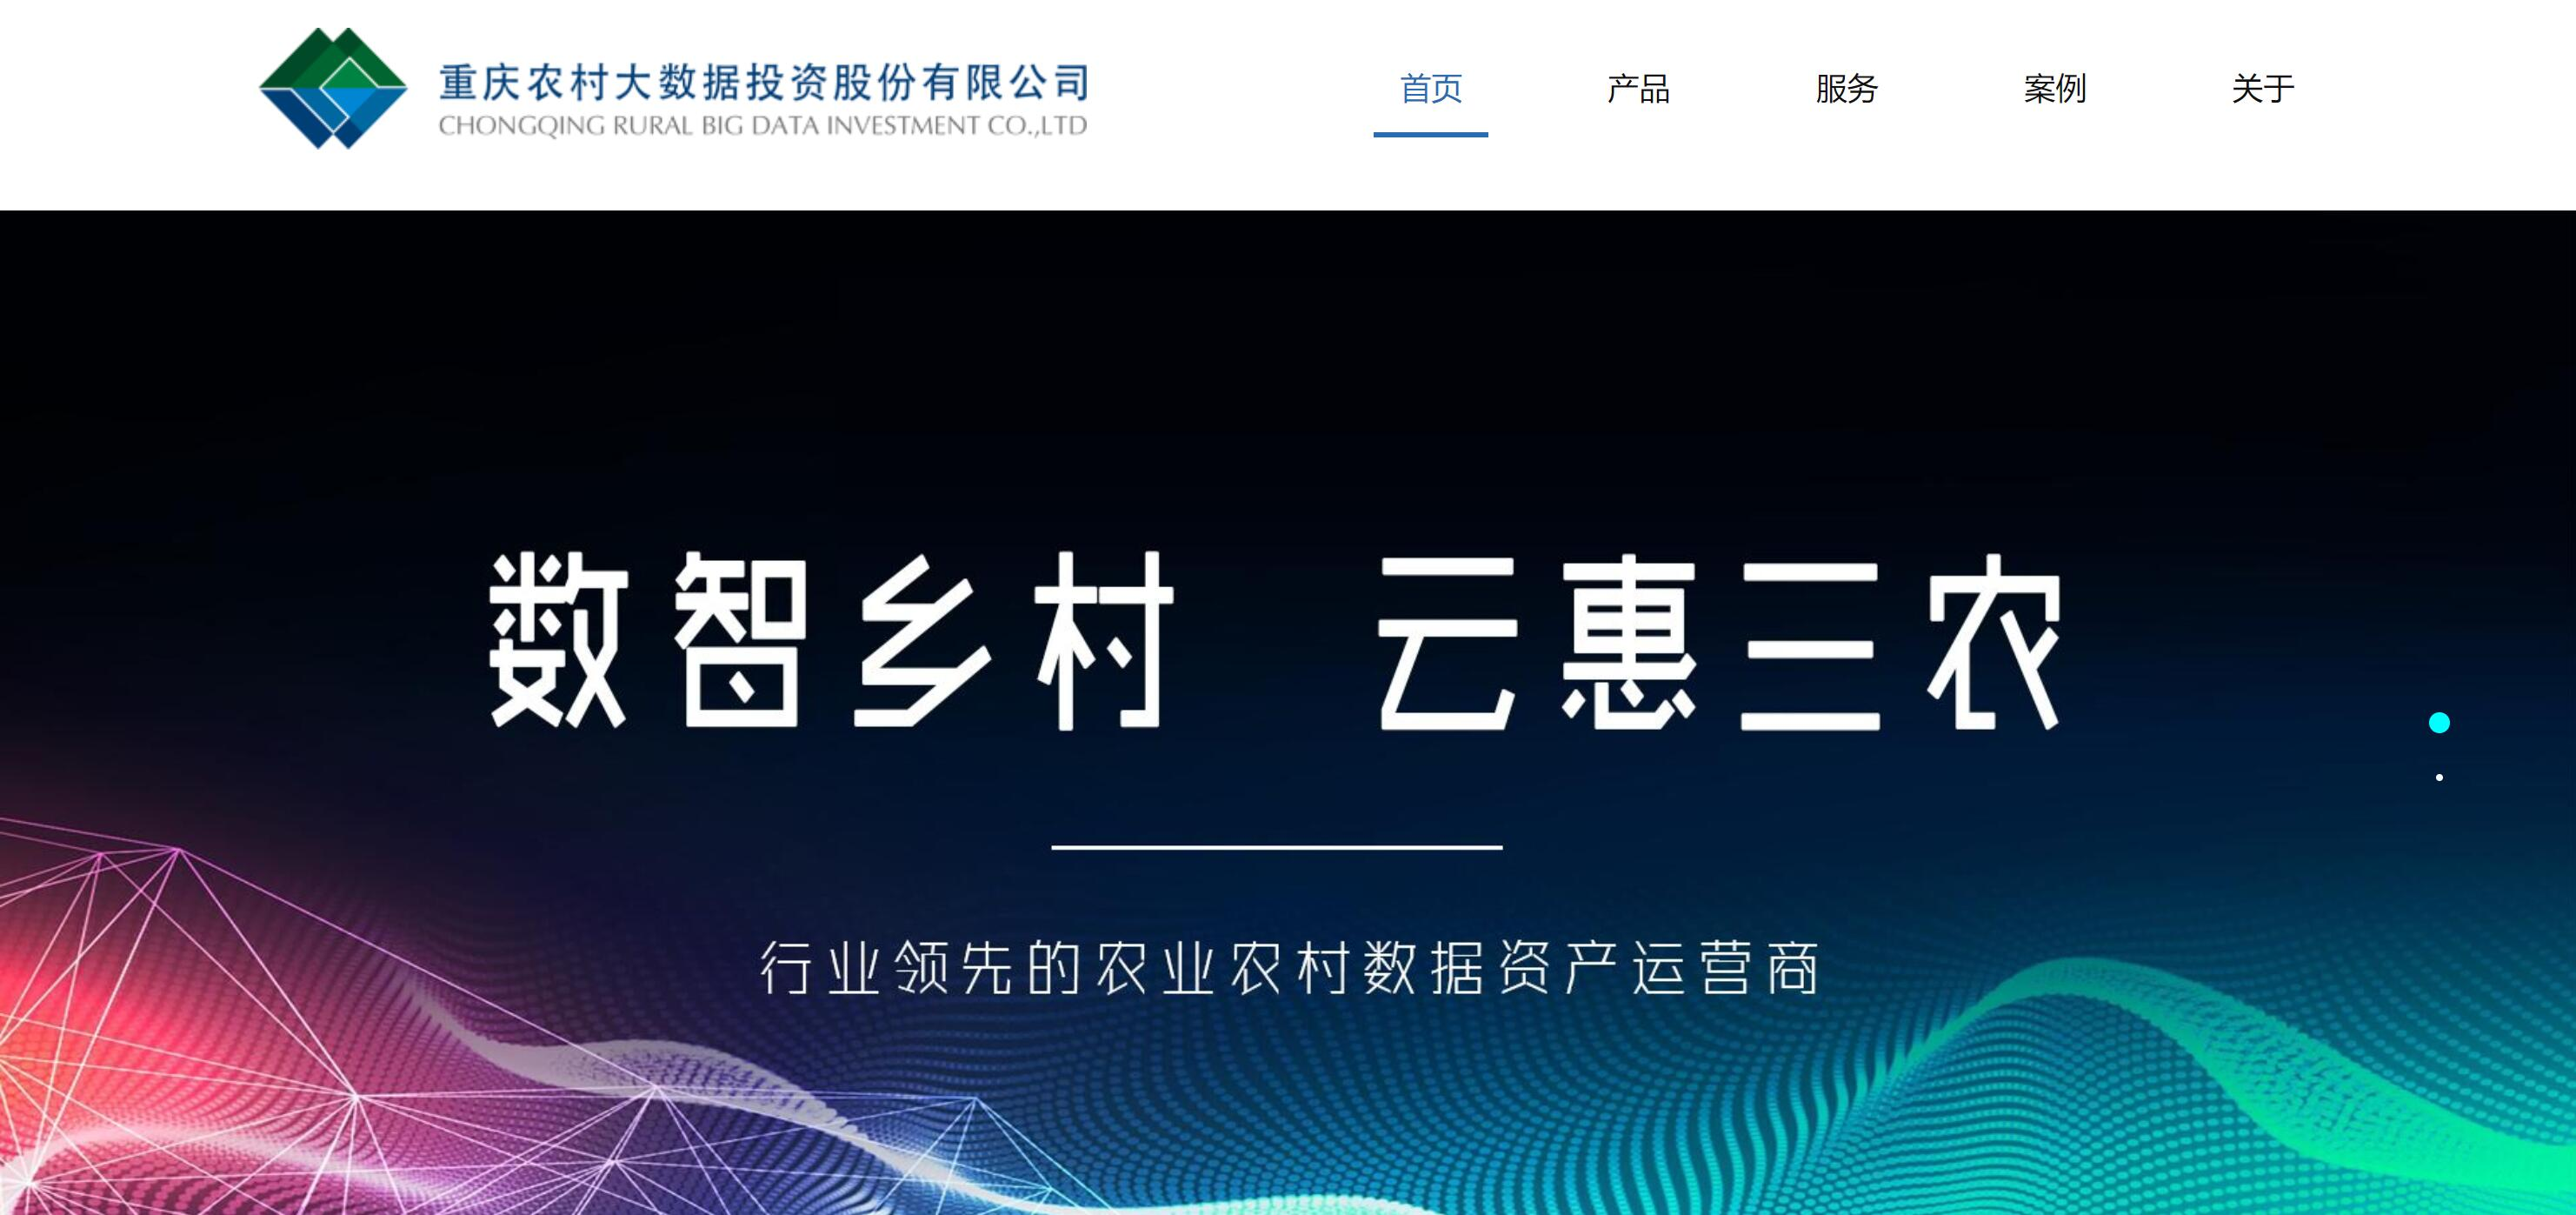 重庆农村大数据官网建设成果分享